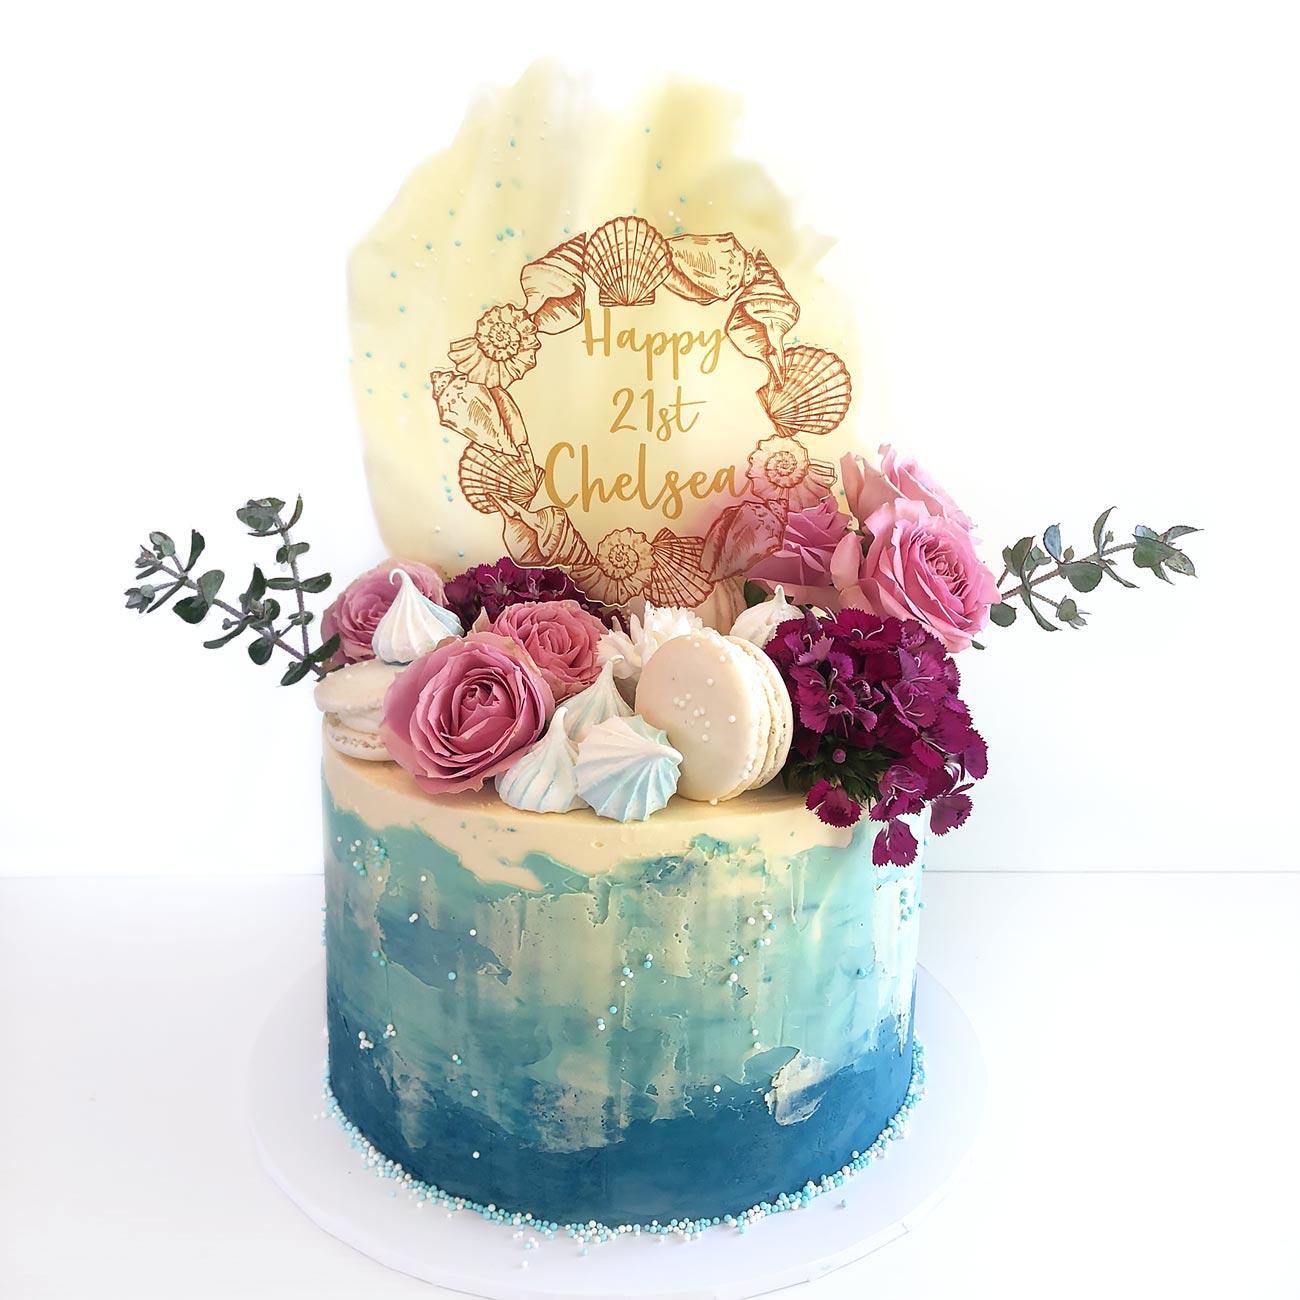 The_Little_Cake_Maker_Perth_Baker_CustomCakes_DayCakes_Slices_Tarts_Cupcakes_Custom_Cakes_Hero.jpg